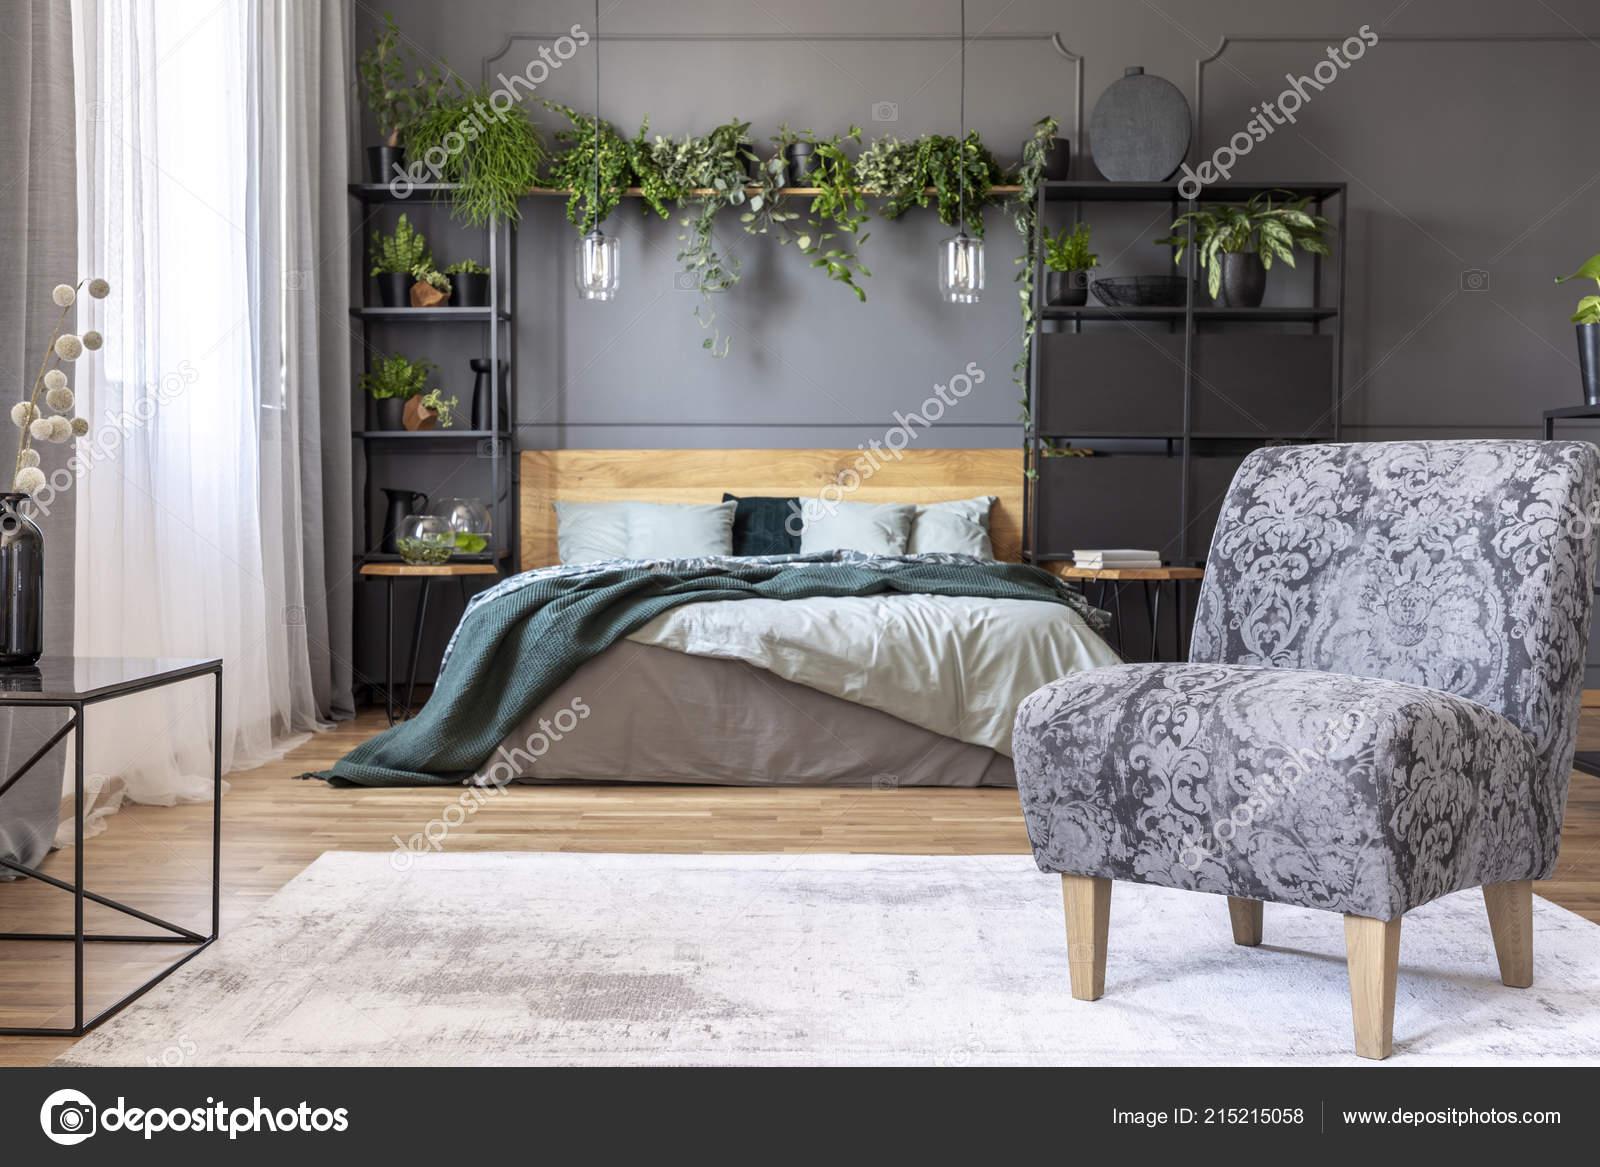 Gemusterte Graues Sessel Schlafzimmer Innenraum Mit Pflanzen Und ...